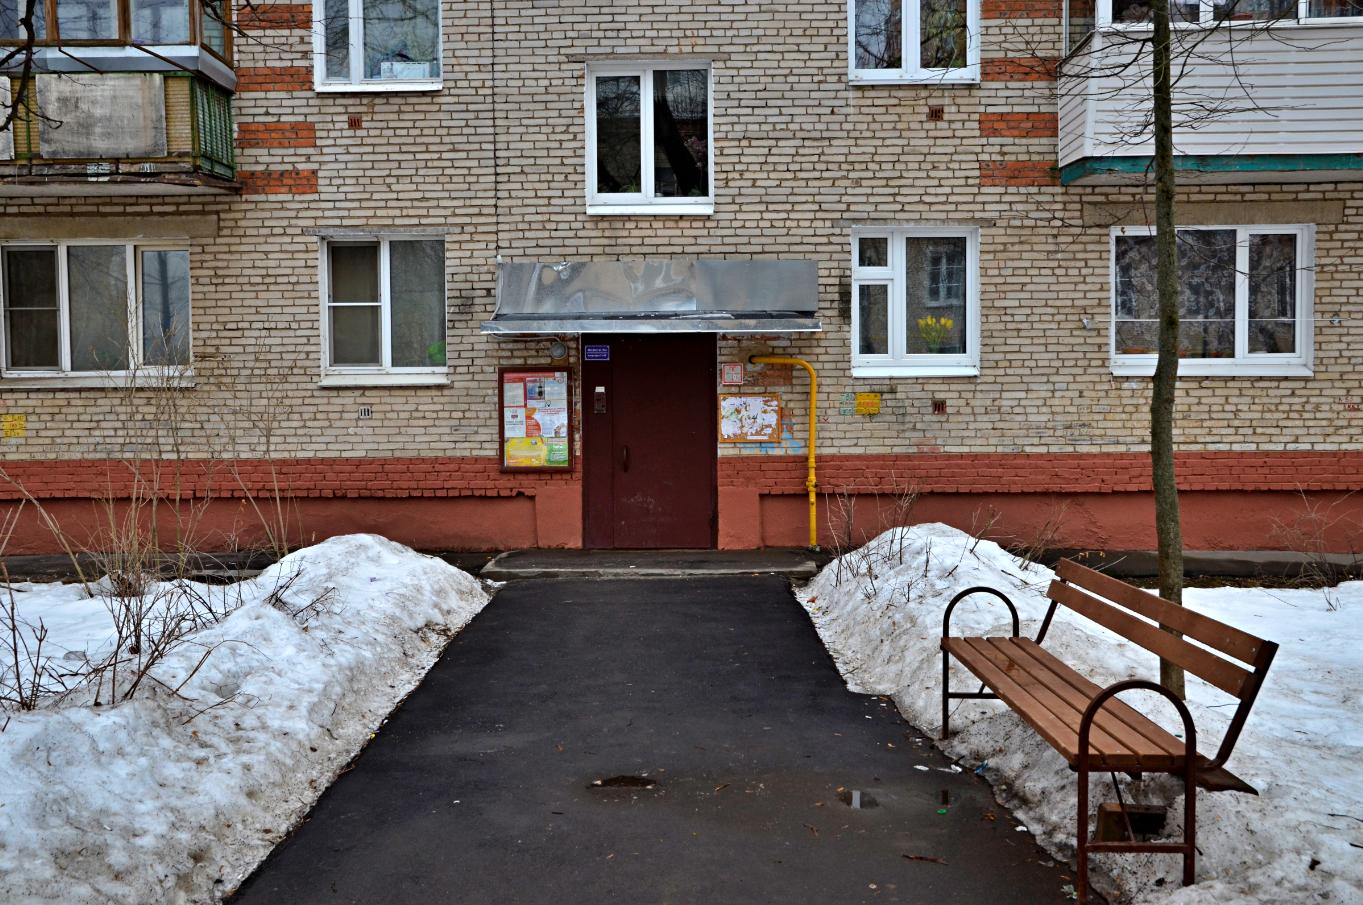 Подготовку к весенне-летнему периоду проведут в поселении Кокошкино. Фото: Анна Быкова